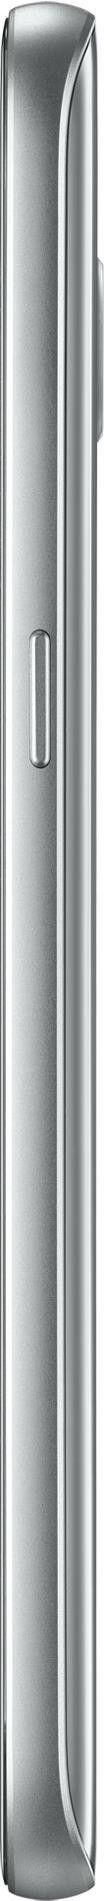 Мобильный телефон Samsung Galaxy S7 Duos G930 (SM-G930FZSUSEK) Silver - 5